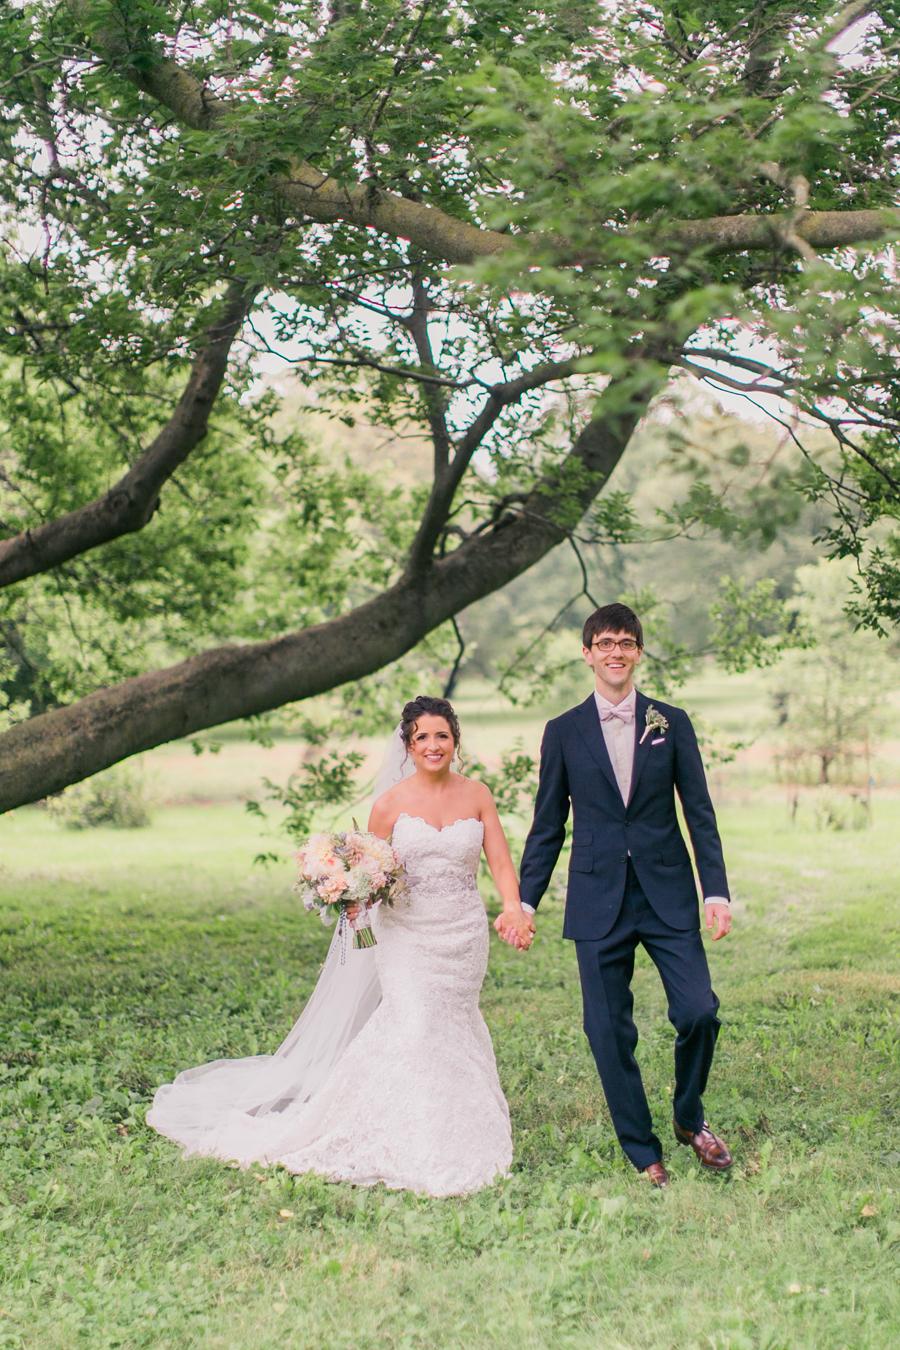 morton-arboretum-wedding-016